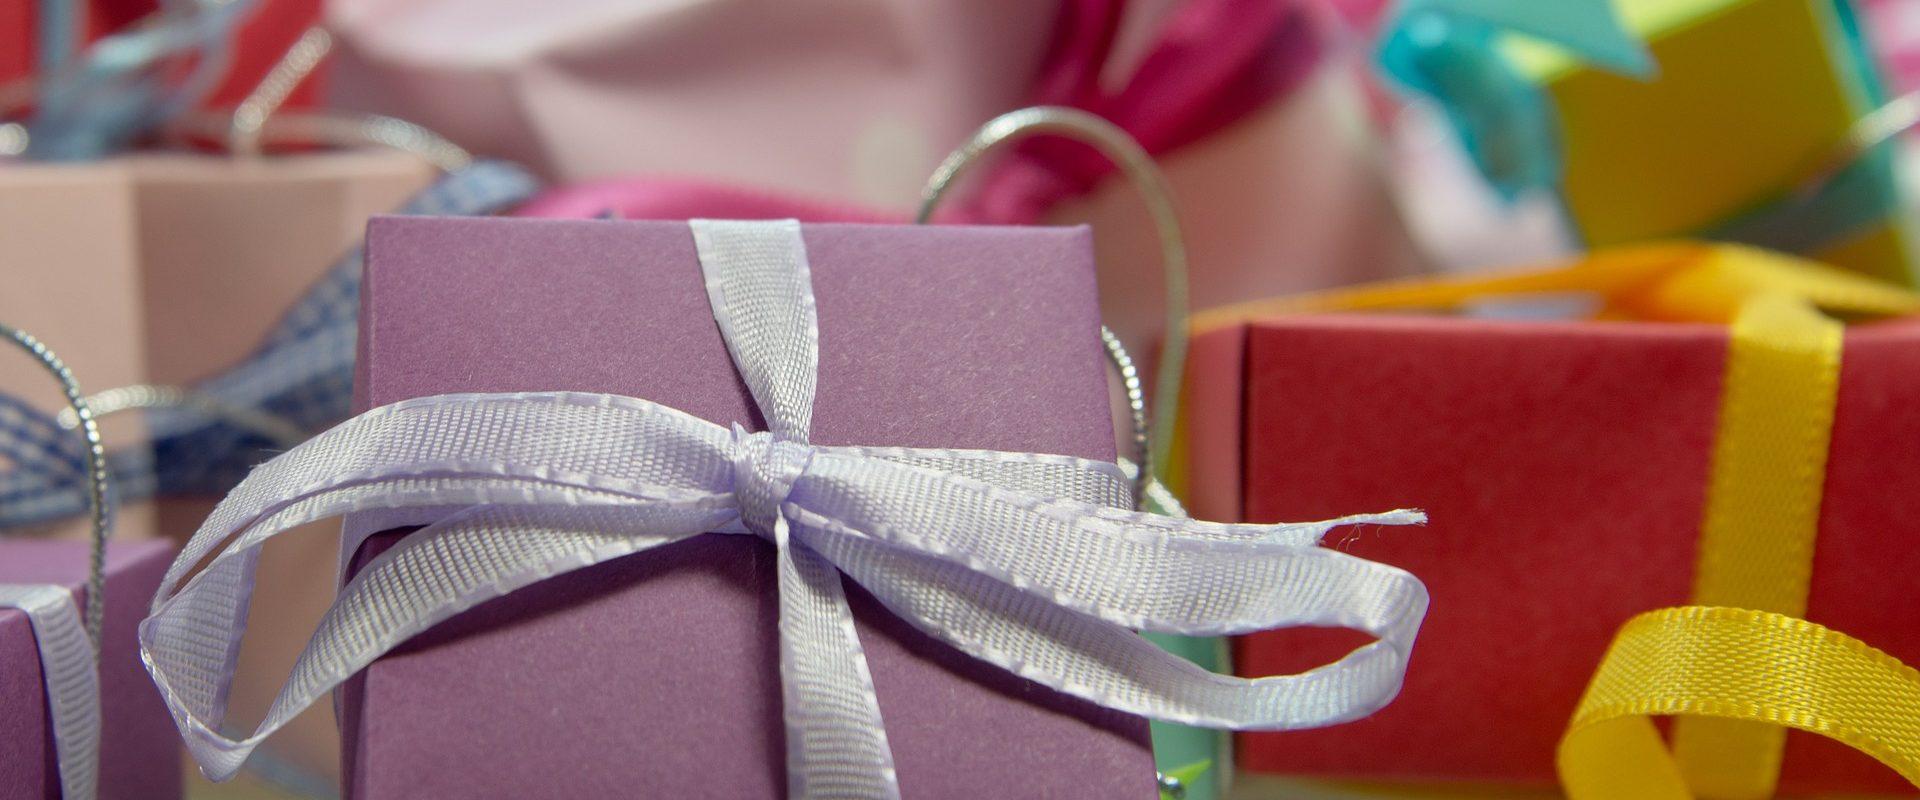 regalos para personas con demencia